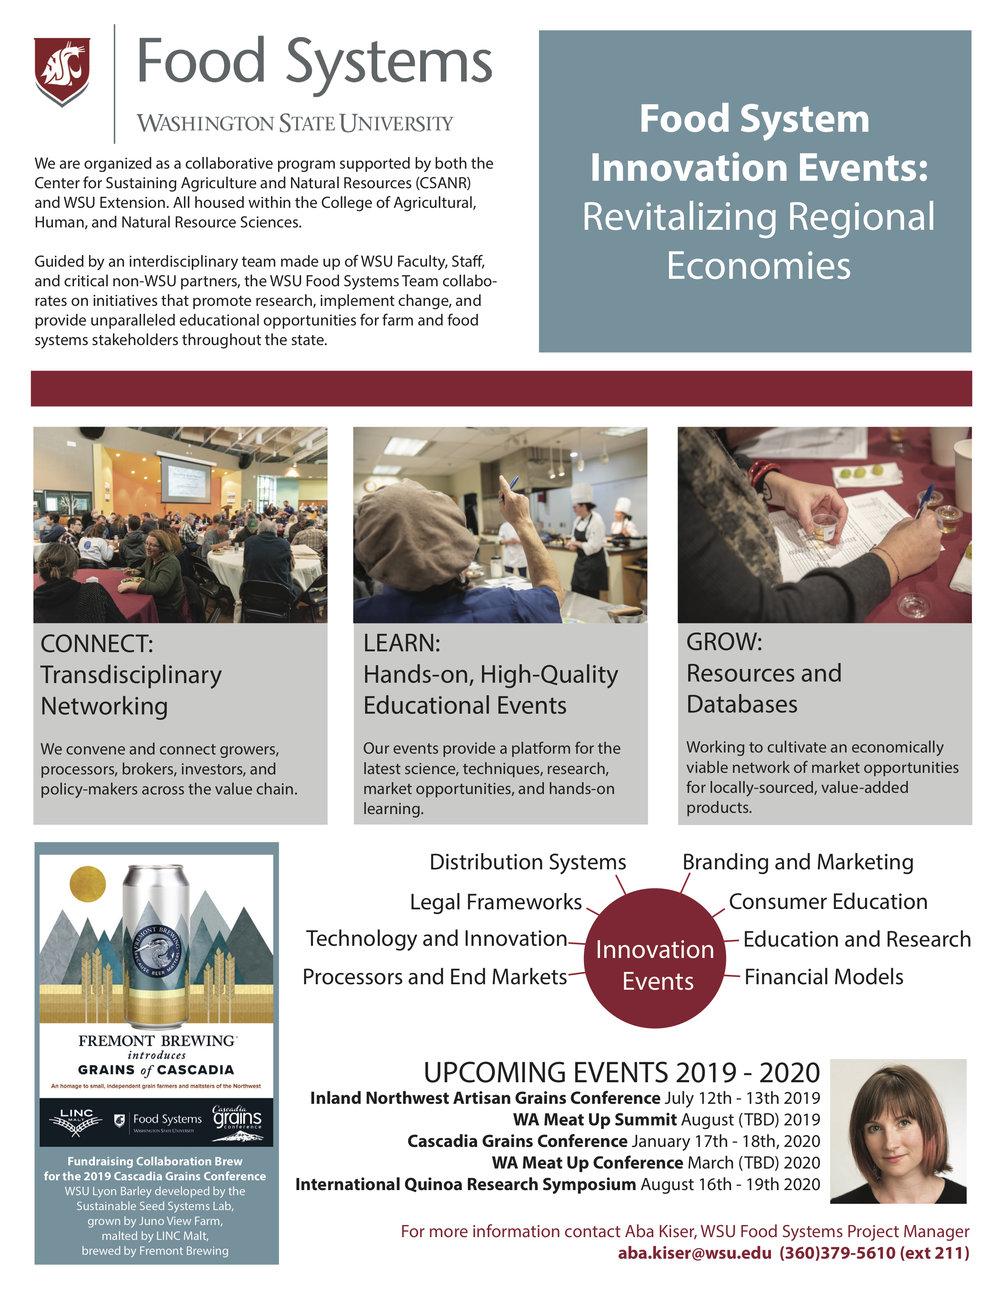 FS Innovation Events.jpg